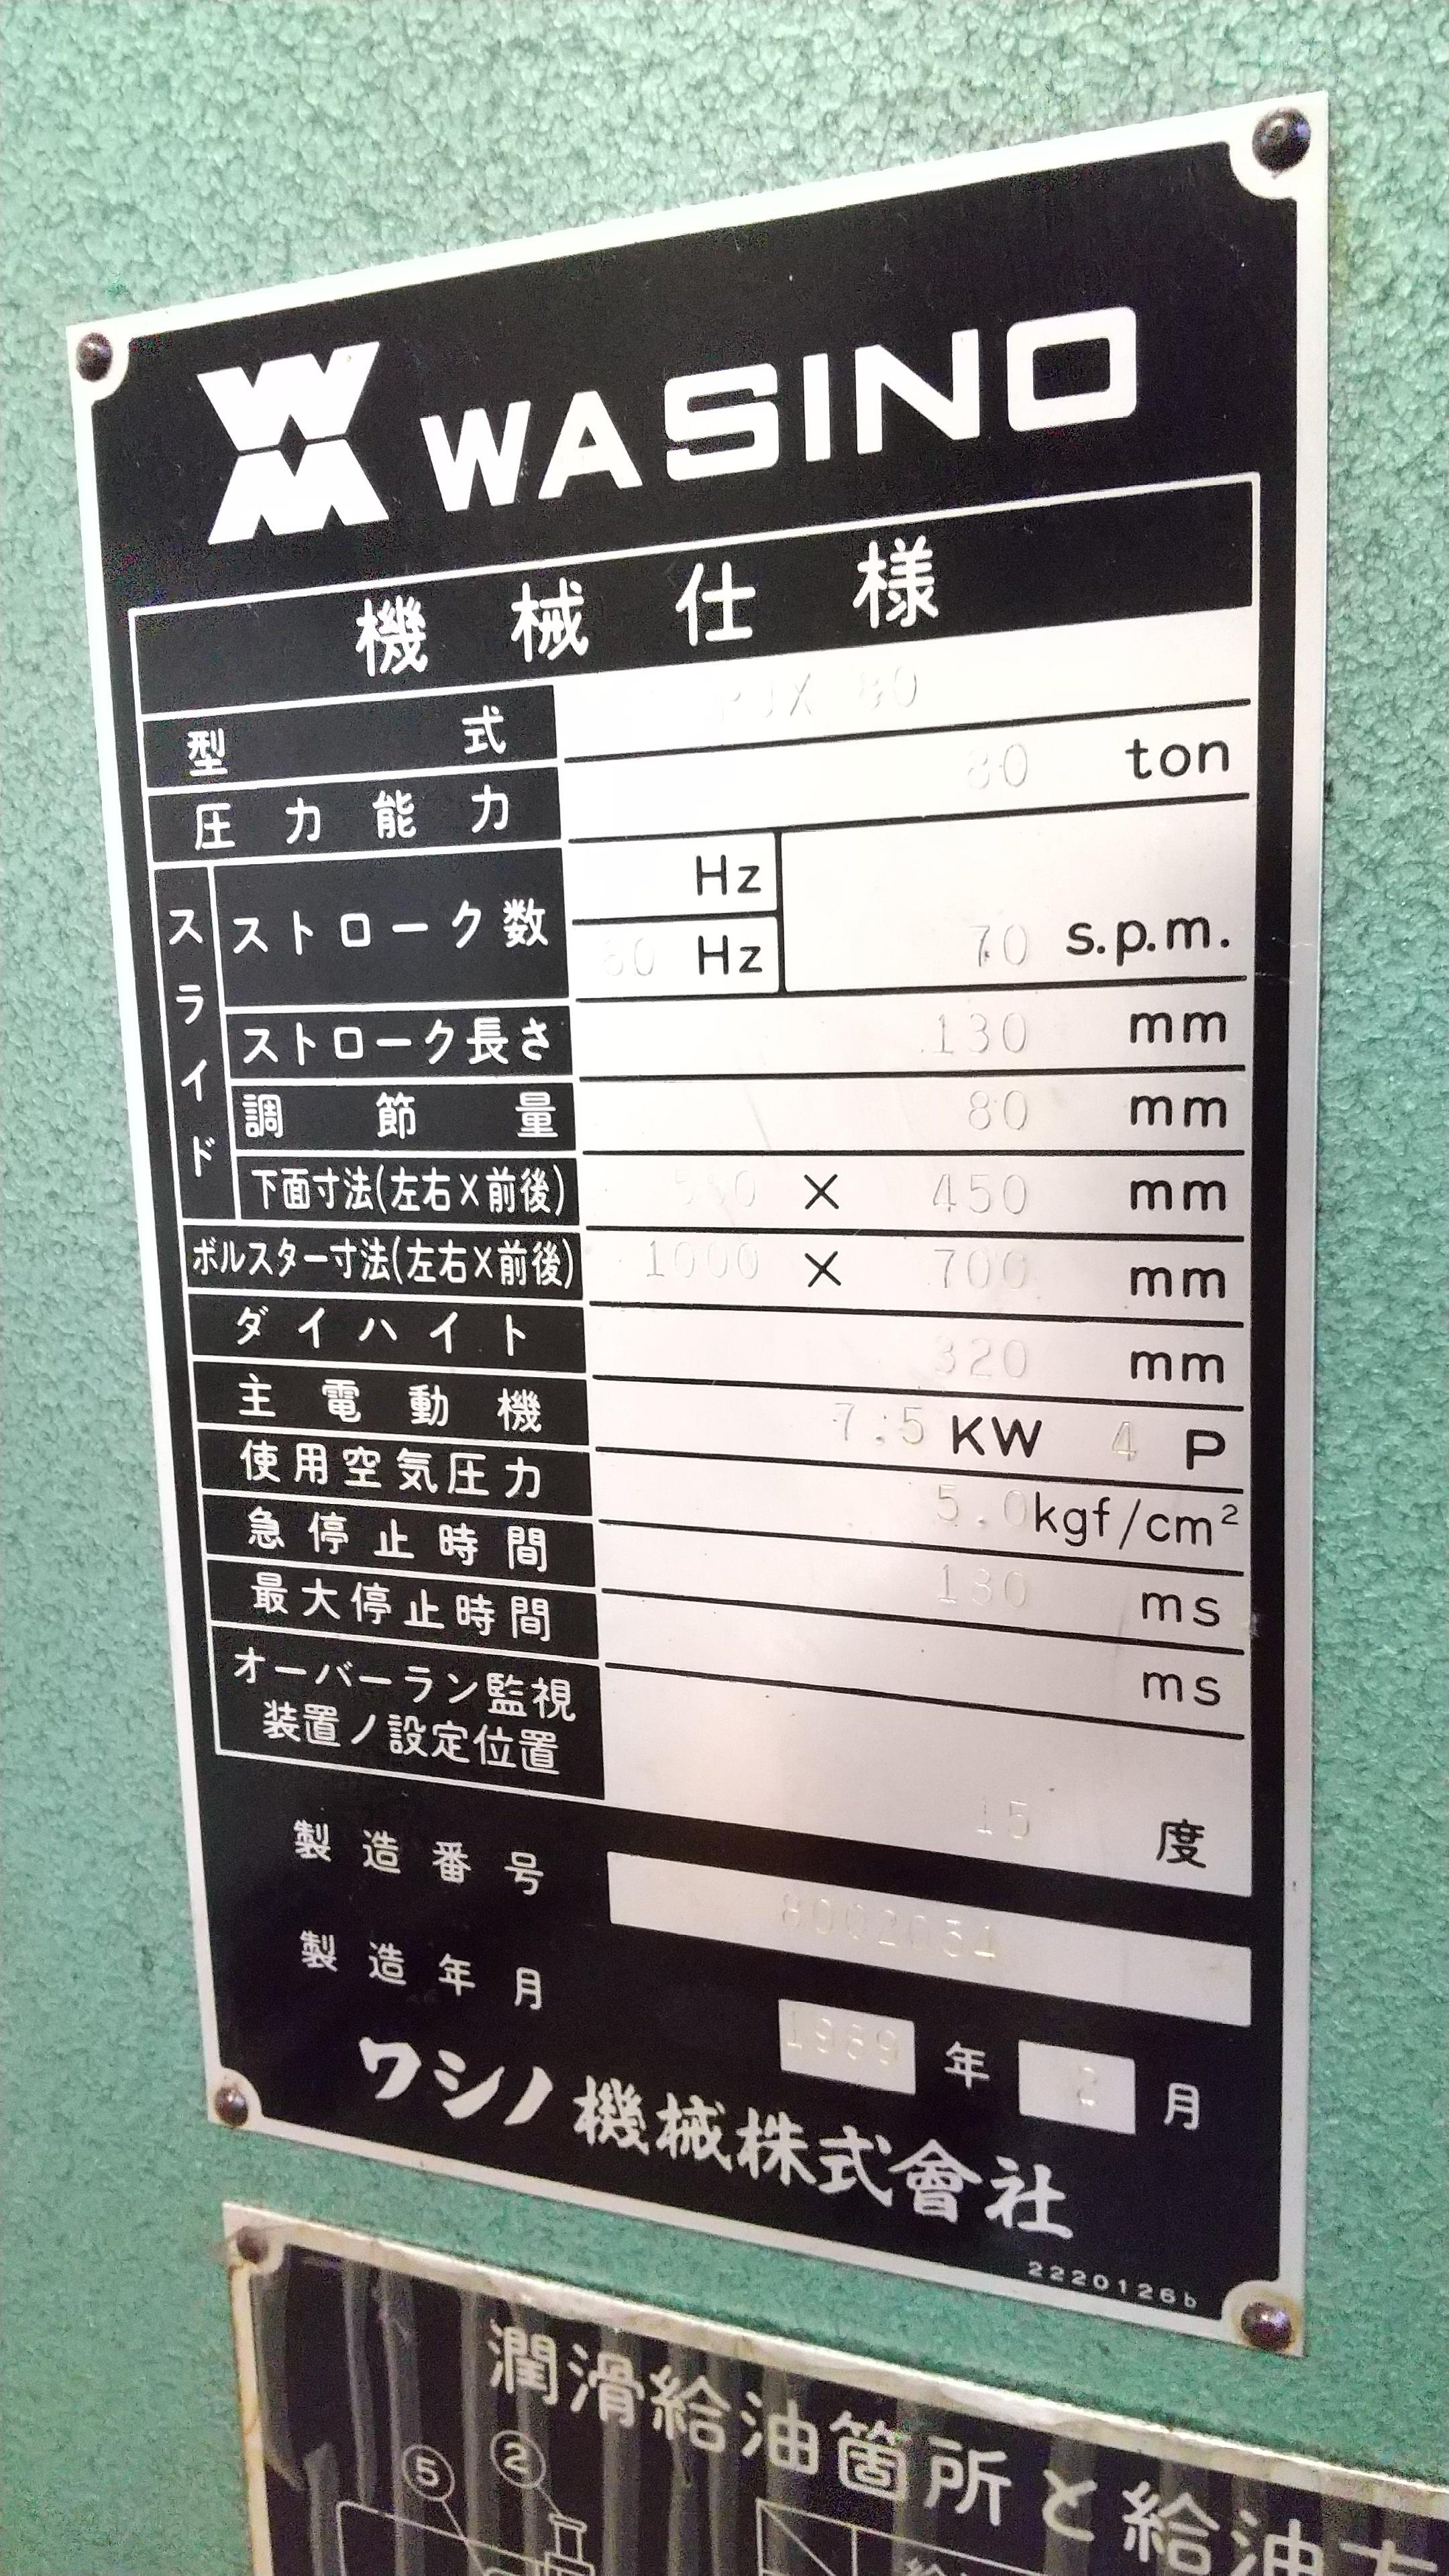 ワシノ_PUX80_80Tプレス